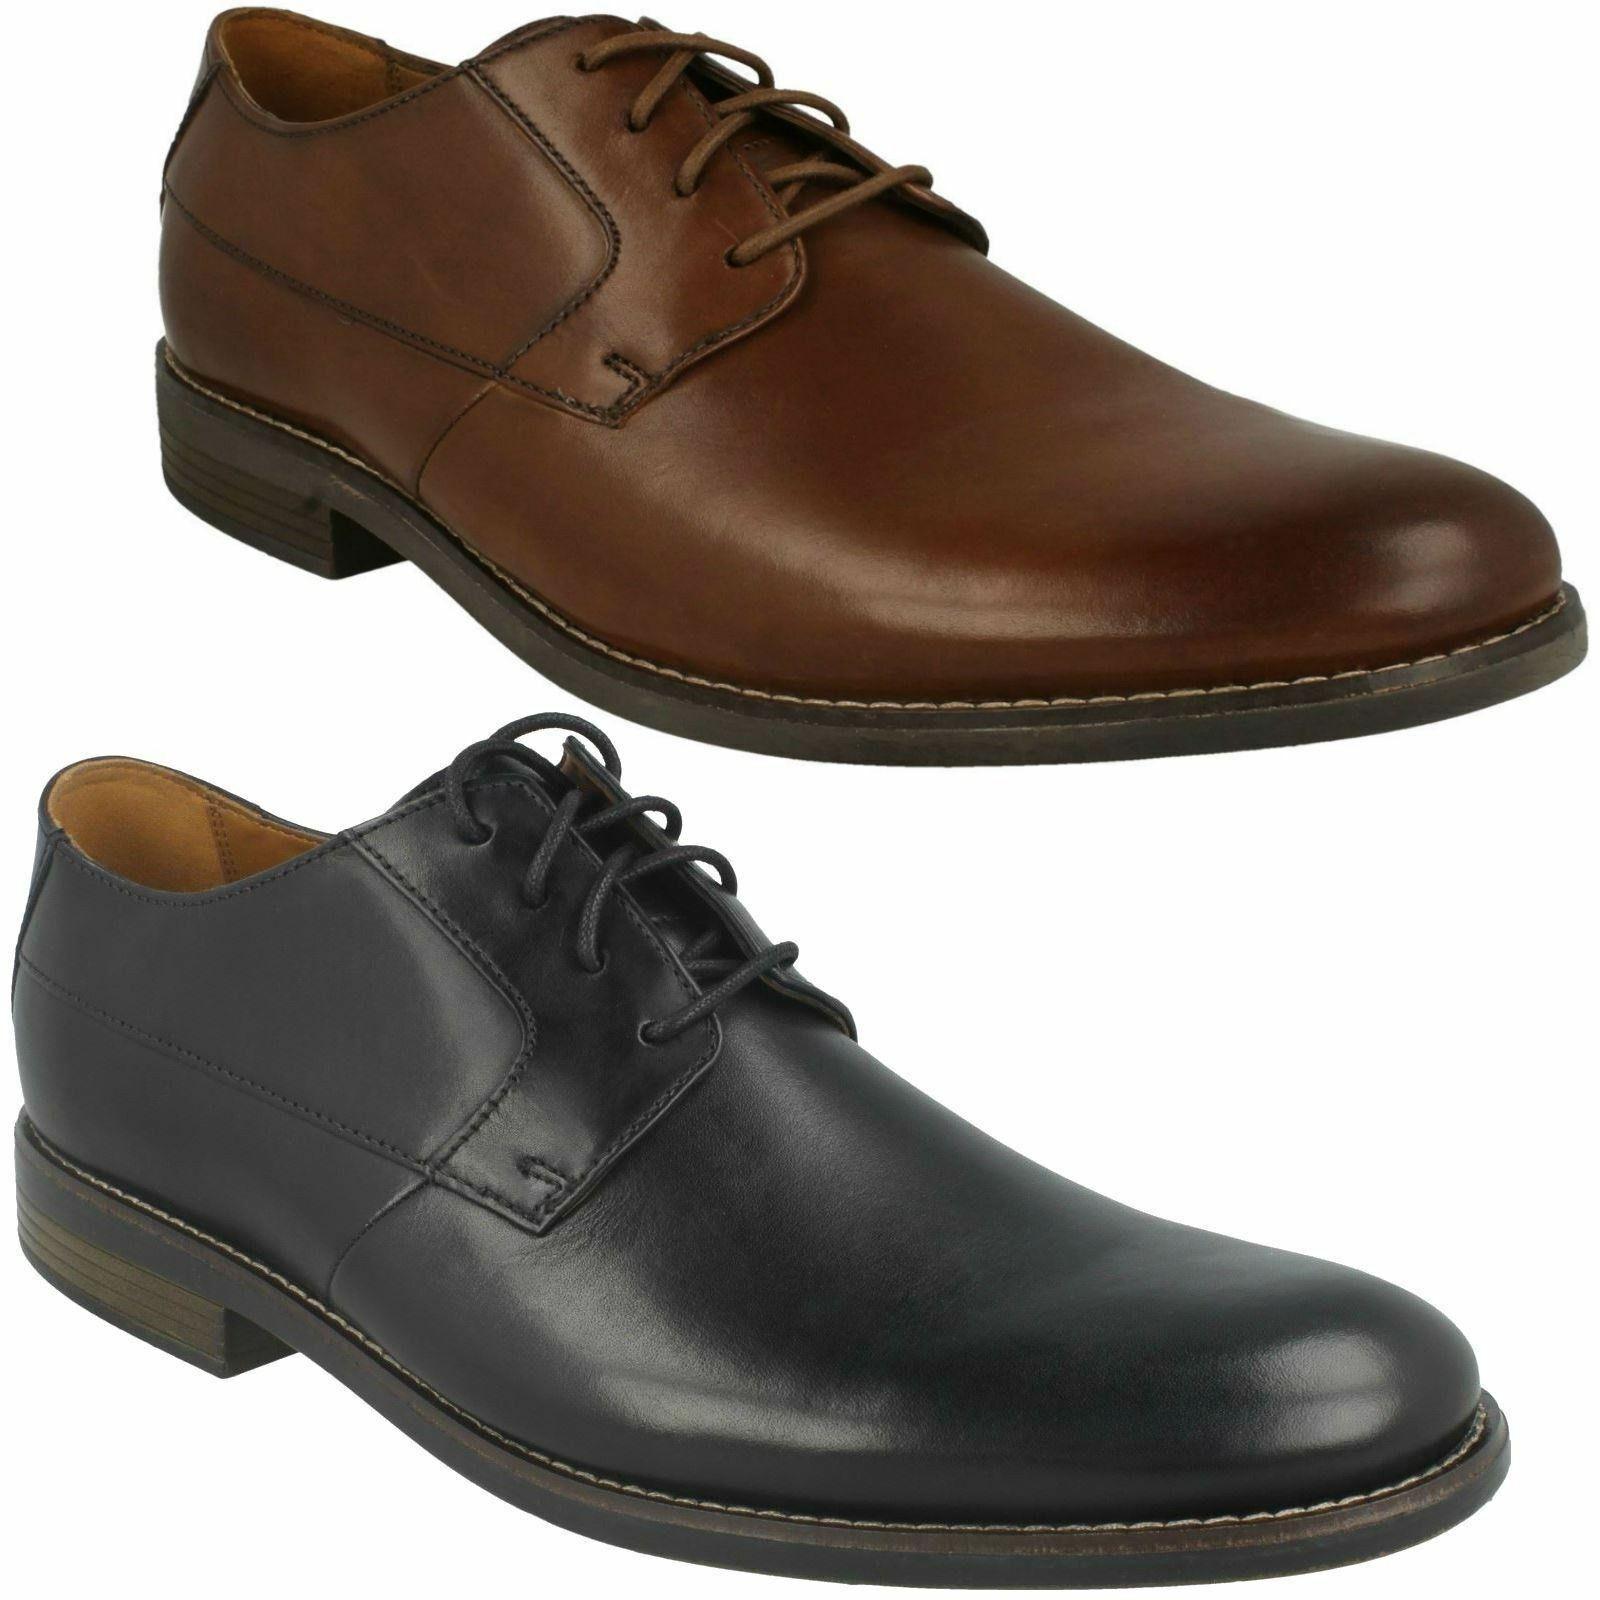 Para hombres Cuero Suave Clarks Becken Liso Fiesta Formal Smart Trabajo Zapatos Con Cordones